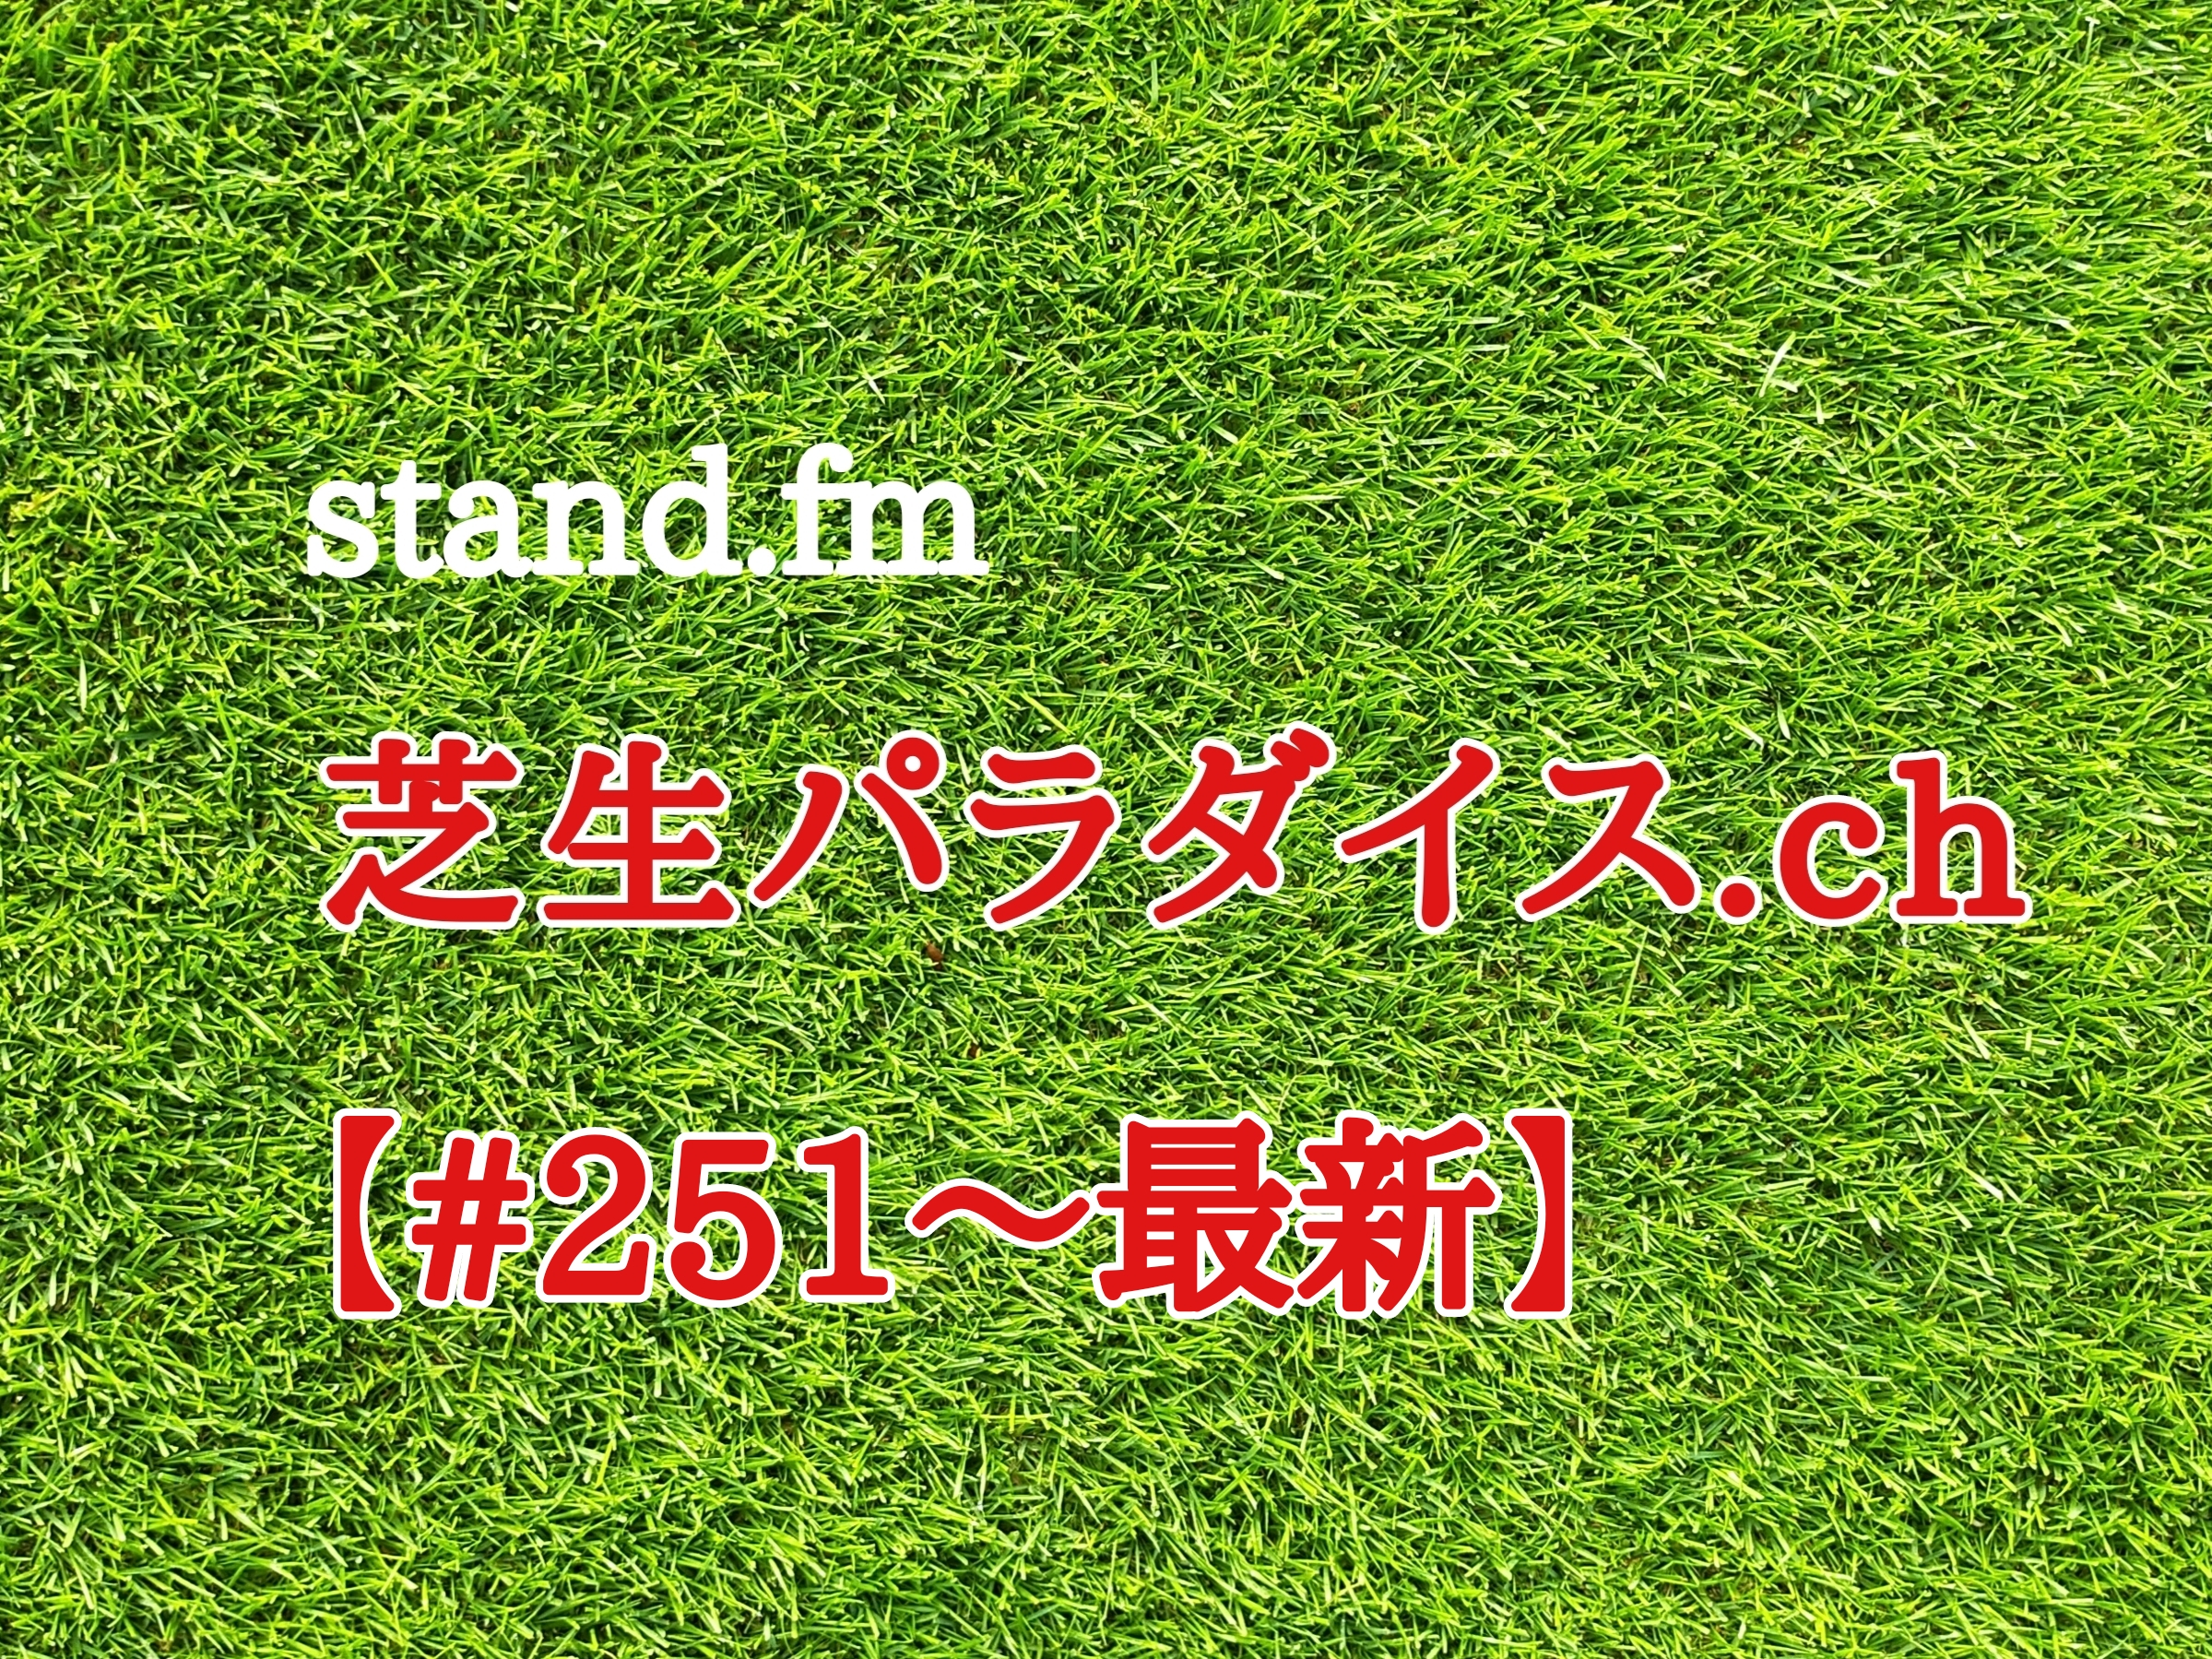 【#251〜最新】stand.fm 🍀芝生パラダイス・チャンネル📻皆さん聴いてね😄💕